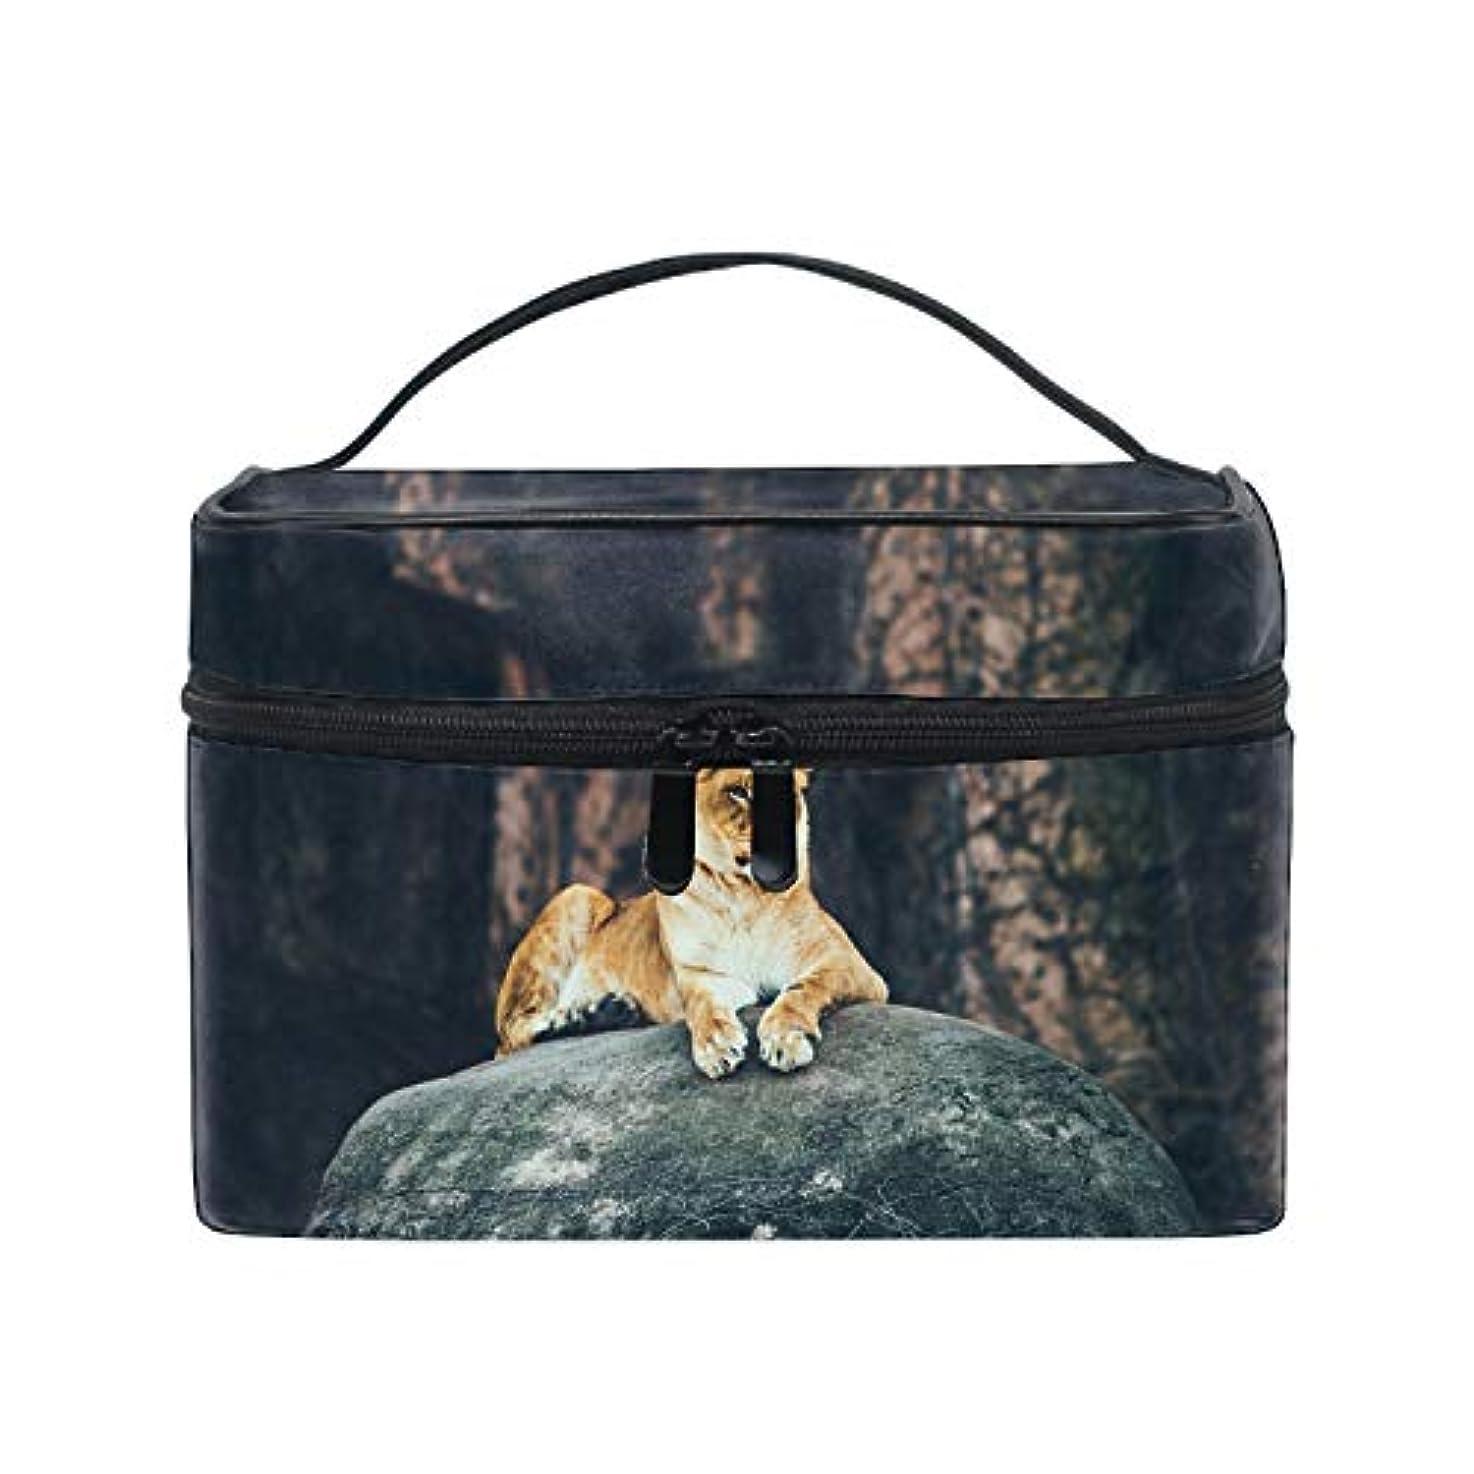 で出来ている知恵ブロックするライオンロック動物メイクボックス コスメ収納 トラベルバッグ 化粧 バッグ 高品質